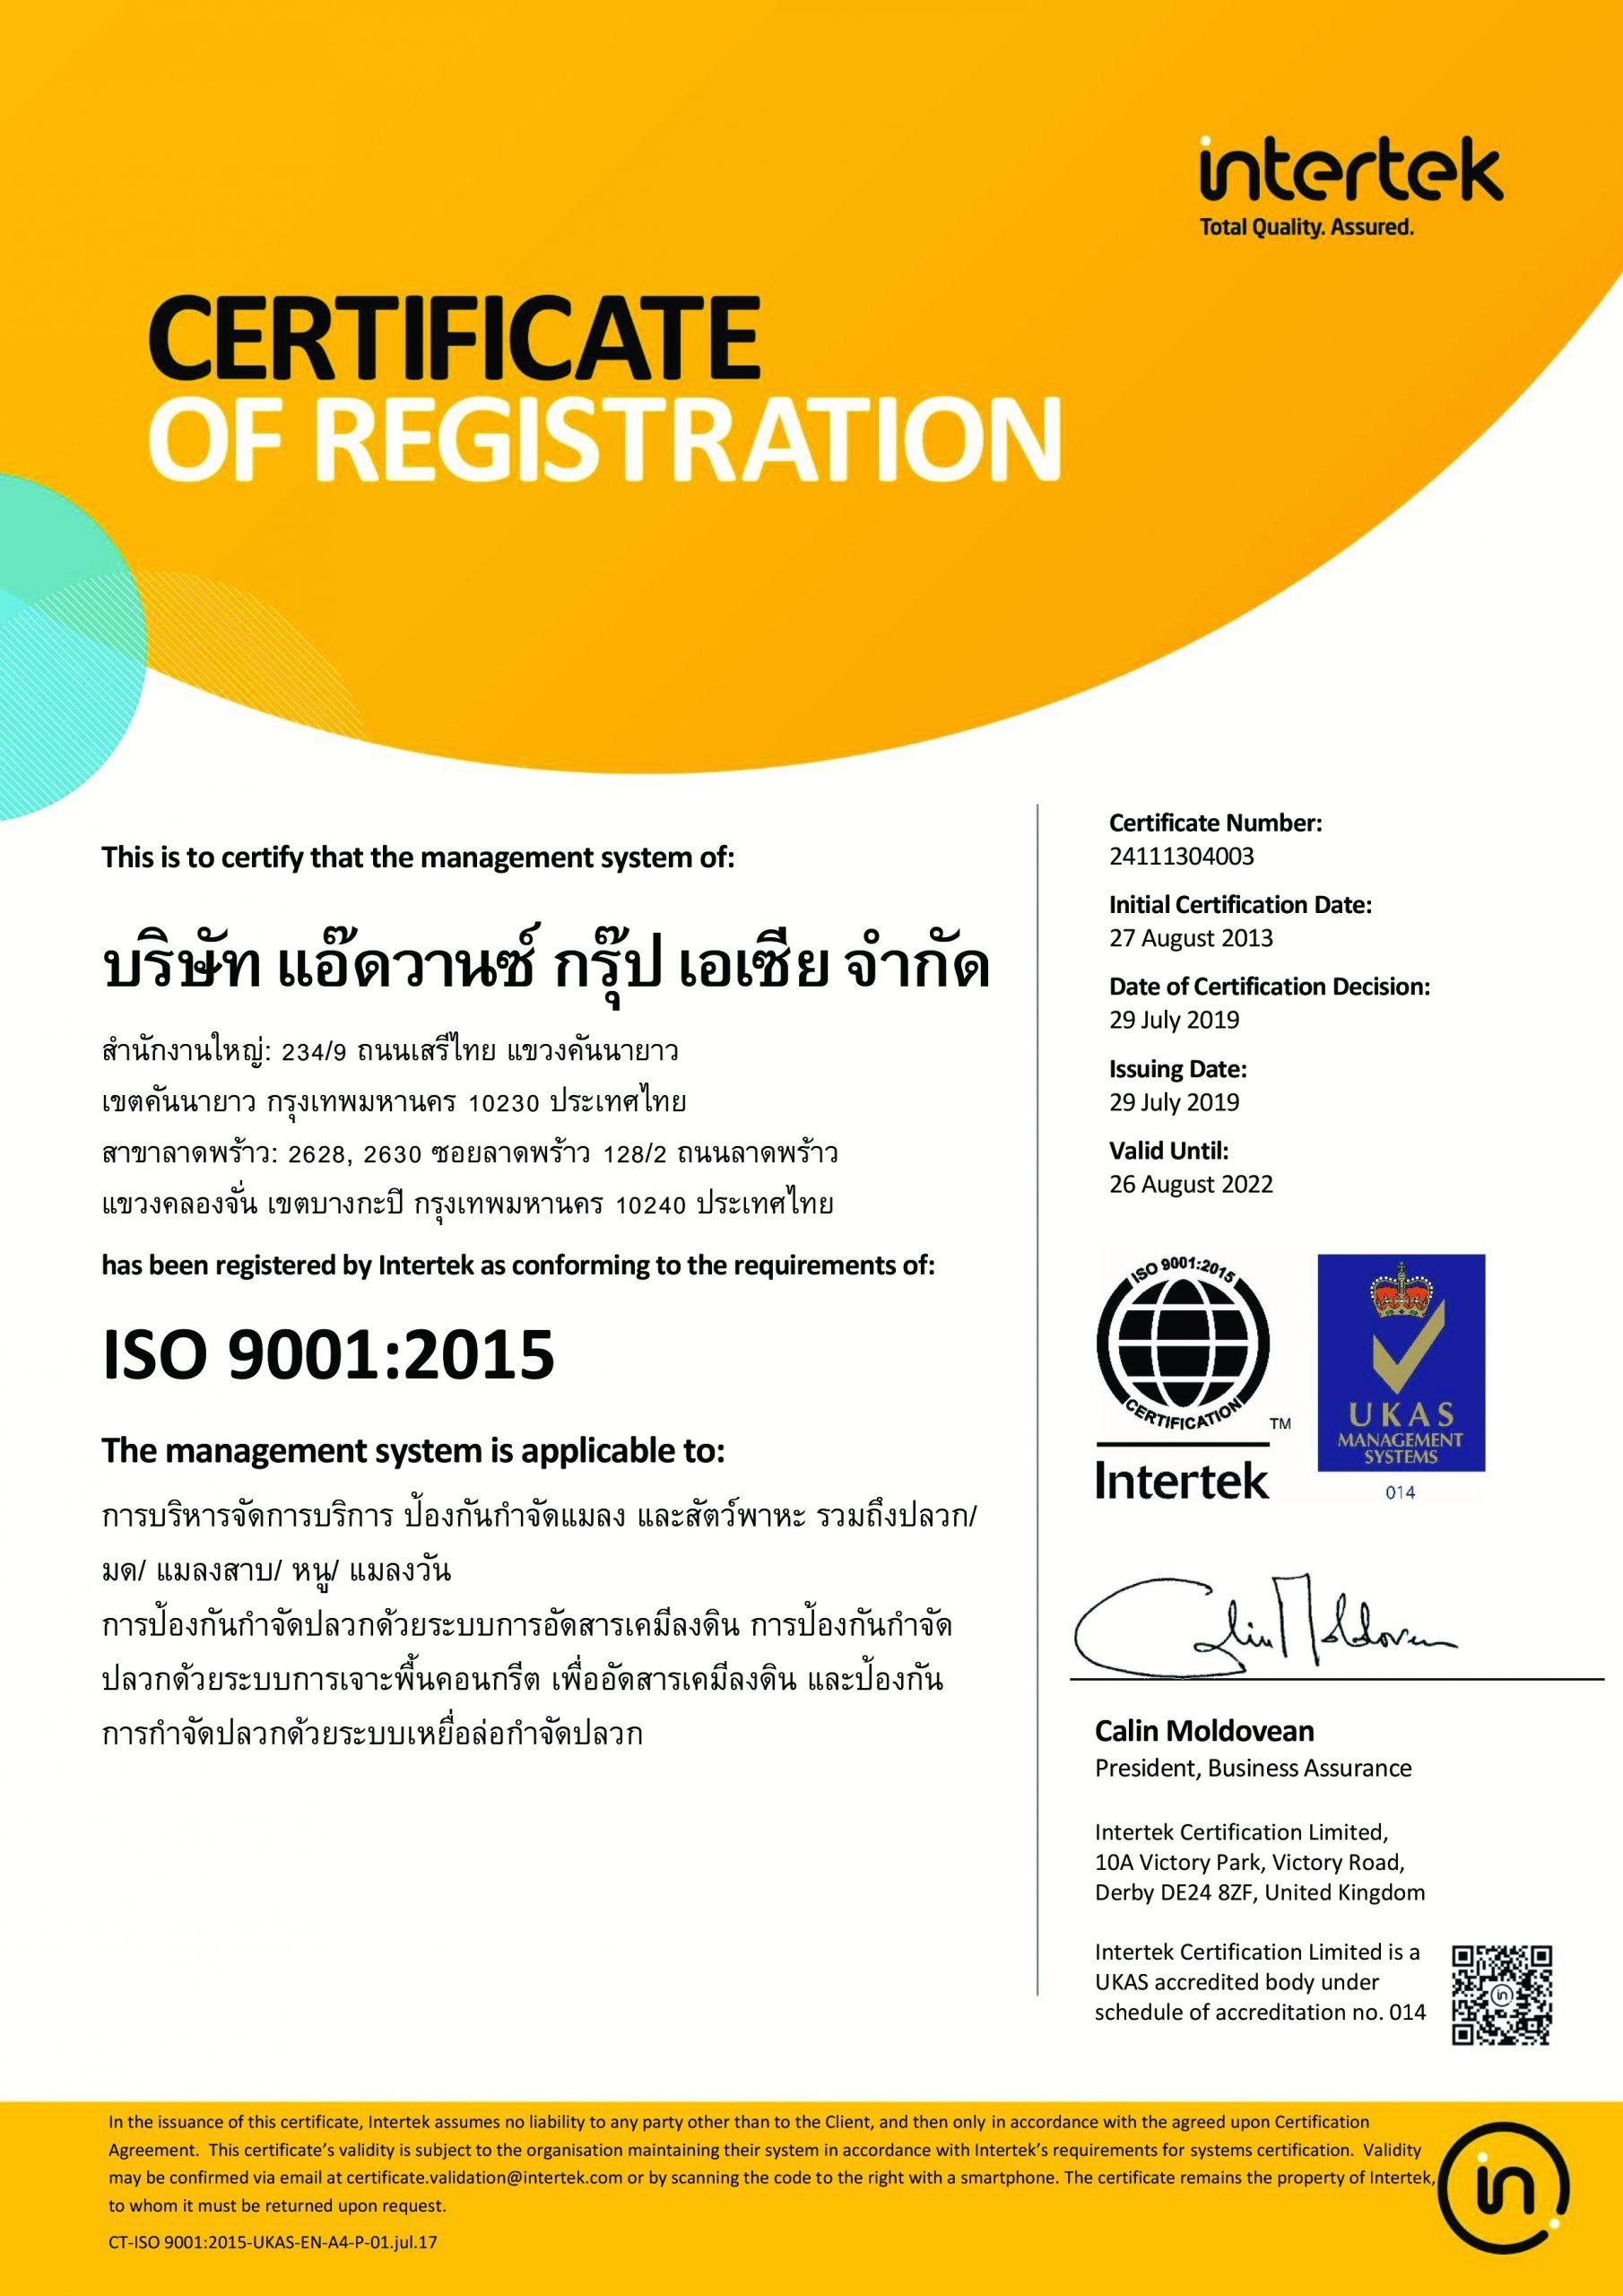 ISO90012015 AGA 2022 THAI scaled   แอ๊ดวานซ์ กรุ๊ป เอเซีย บริษัท กำจัดปลวก กำจัดแมลง ทำความสะอาด